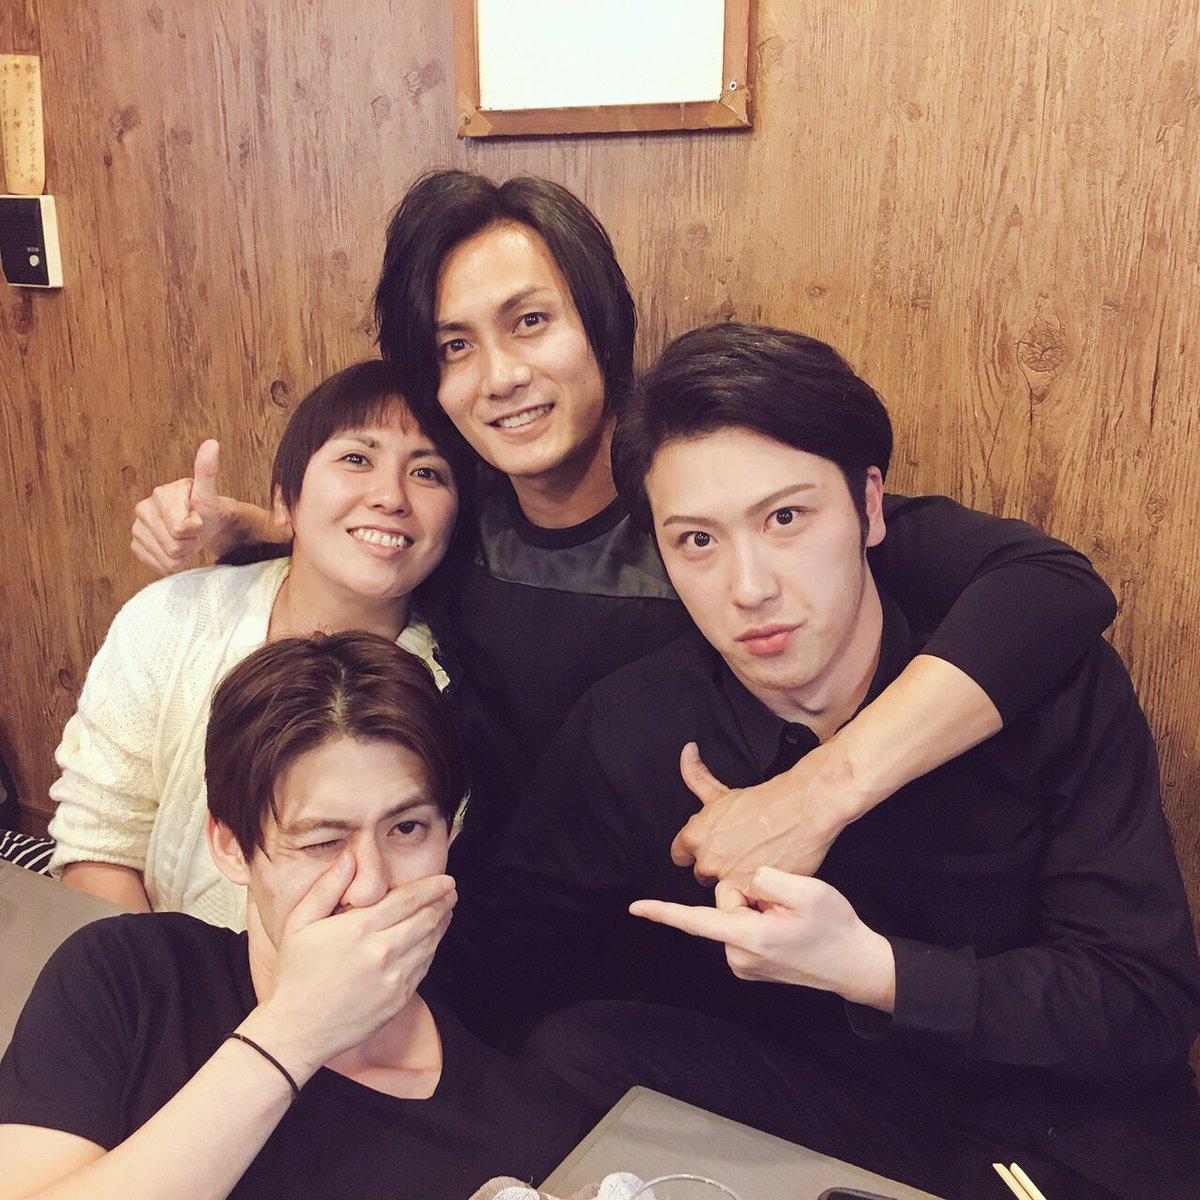 大阪の地にて、旧ロミジュリメンバー再開!ハマコ姉、尾上の松也!大ちゃんは明日もよろしくね(笑)